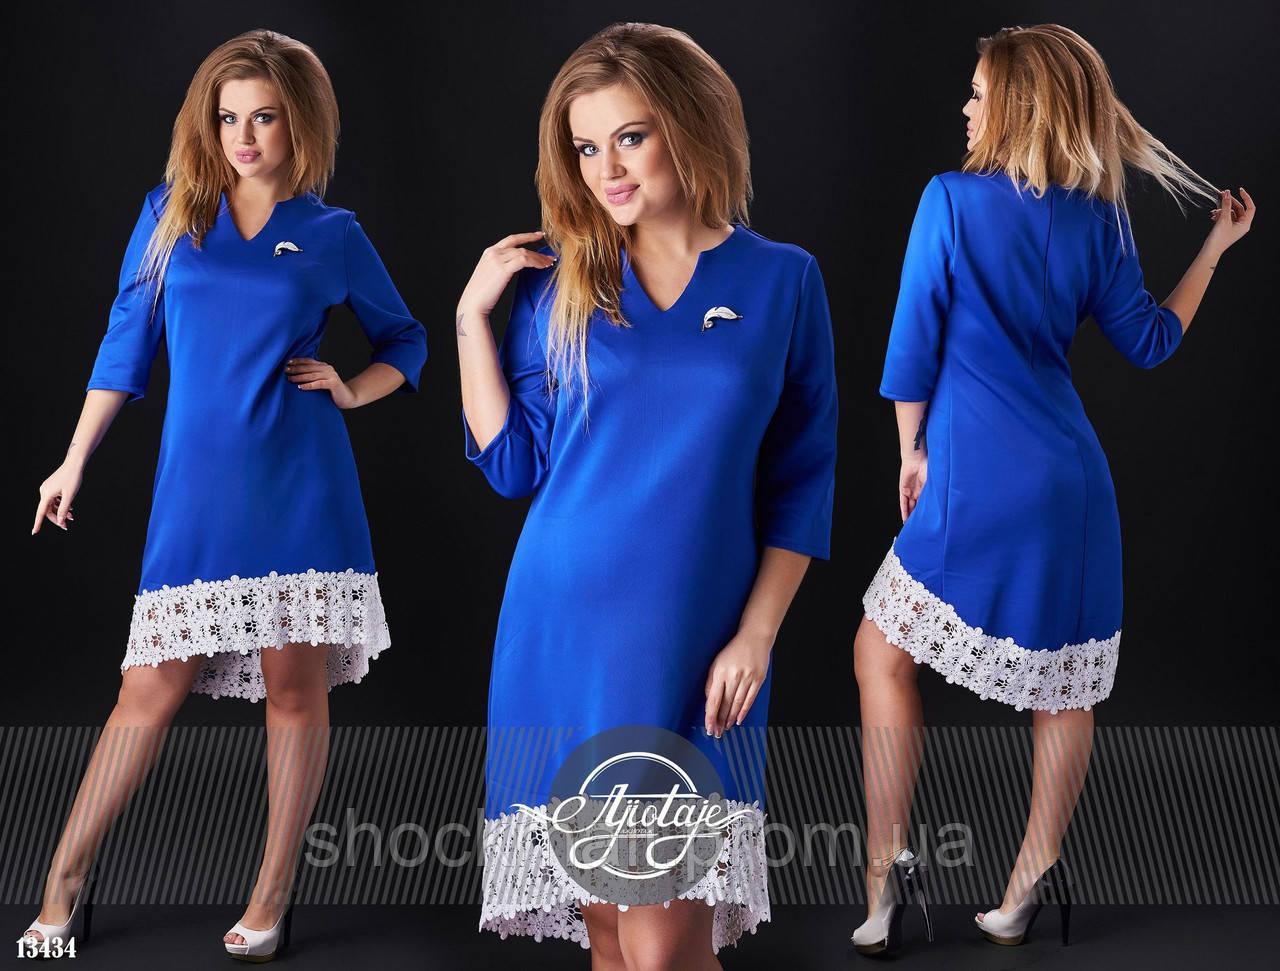 Фото синее платье с белым кружевом фото